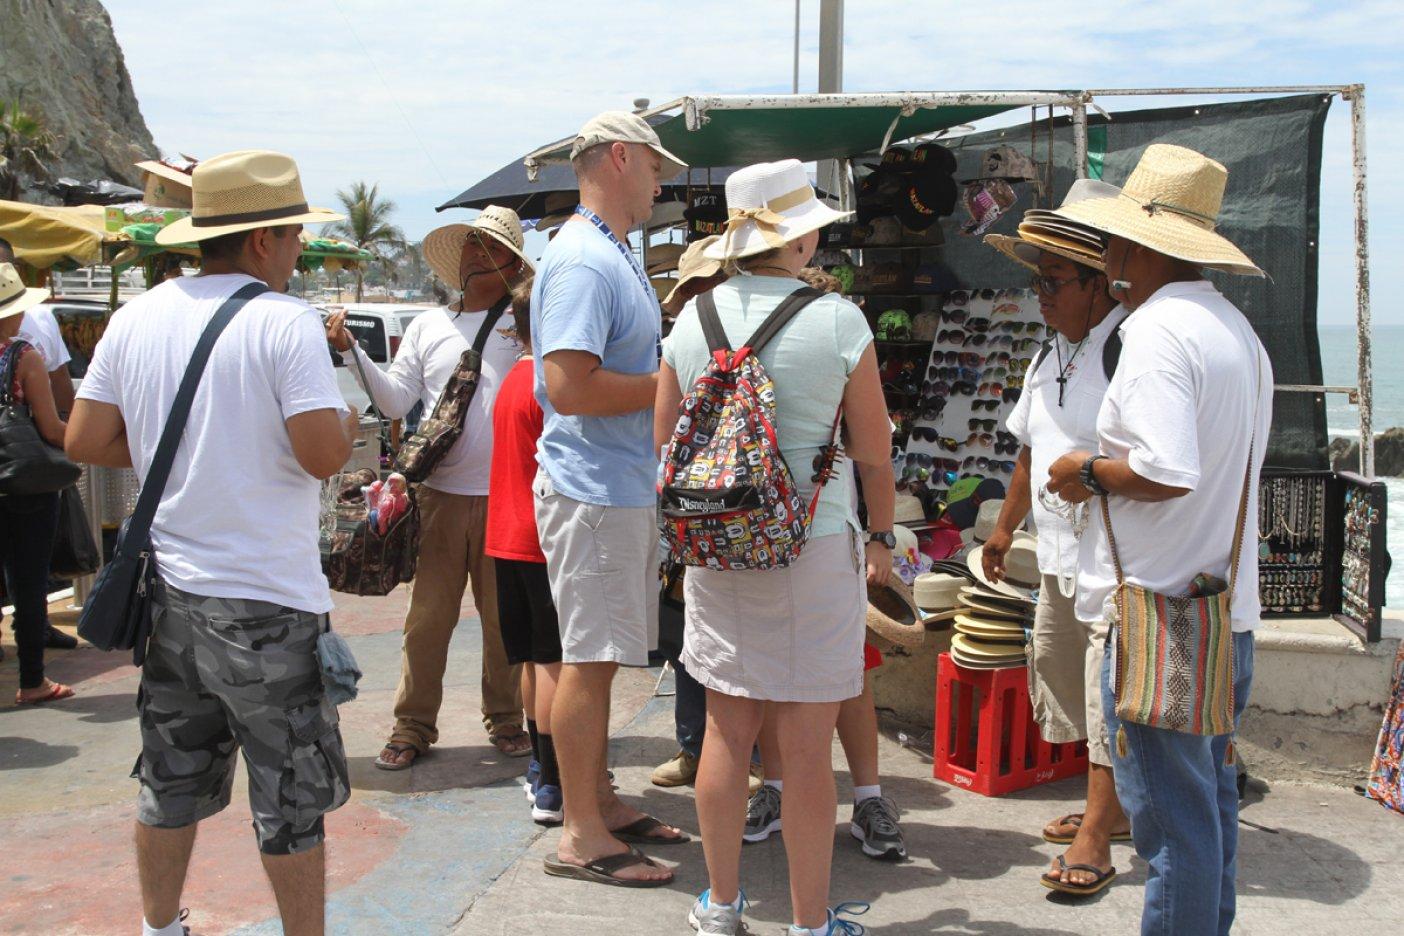 Alerta de viaje afecta el 60 por ciento del turismo nacional: Sectur